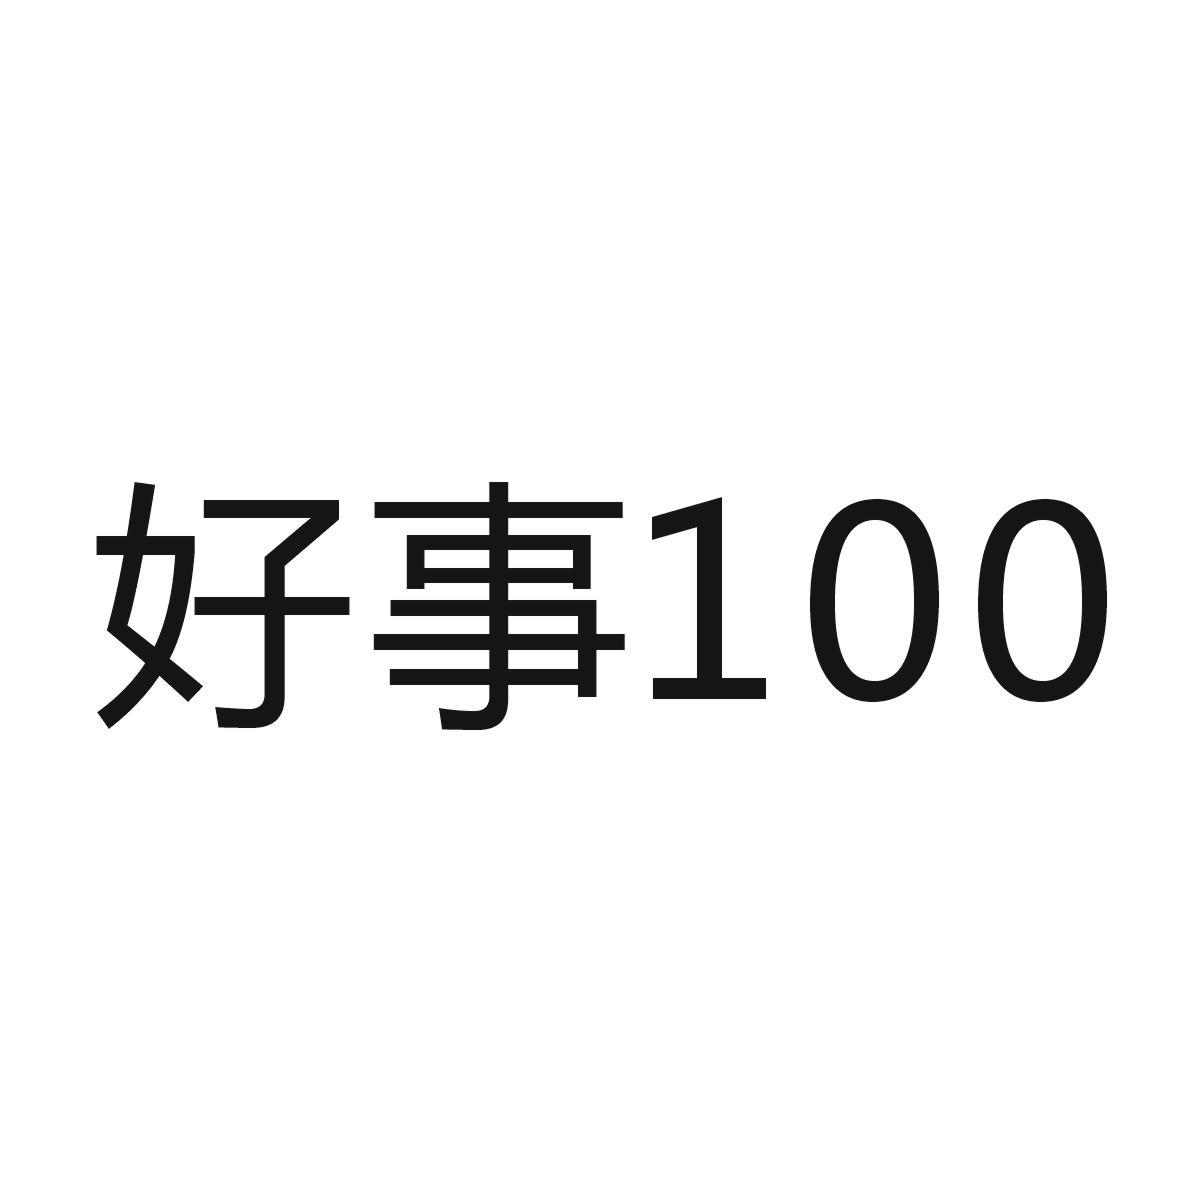 设计 矢量 矢量图 素材 1181_1181